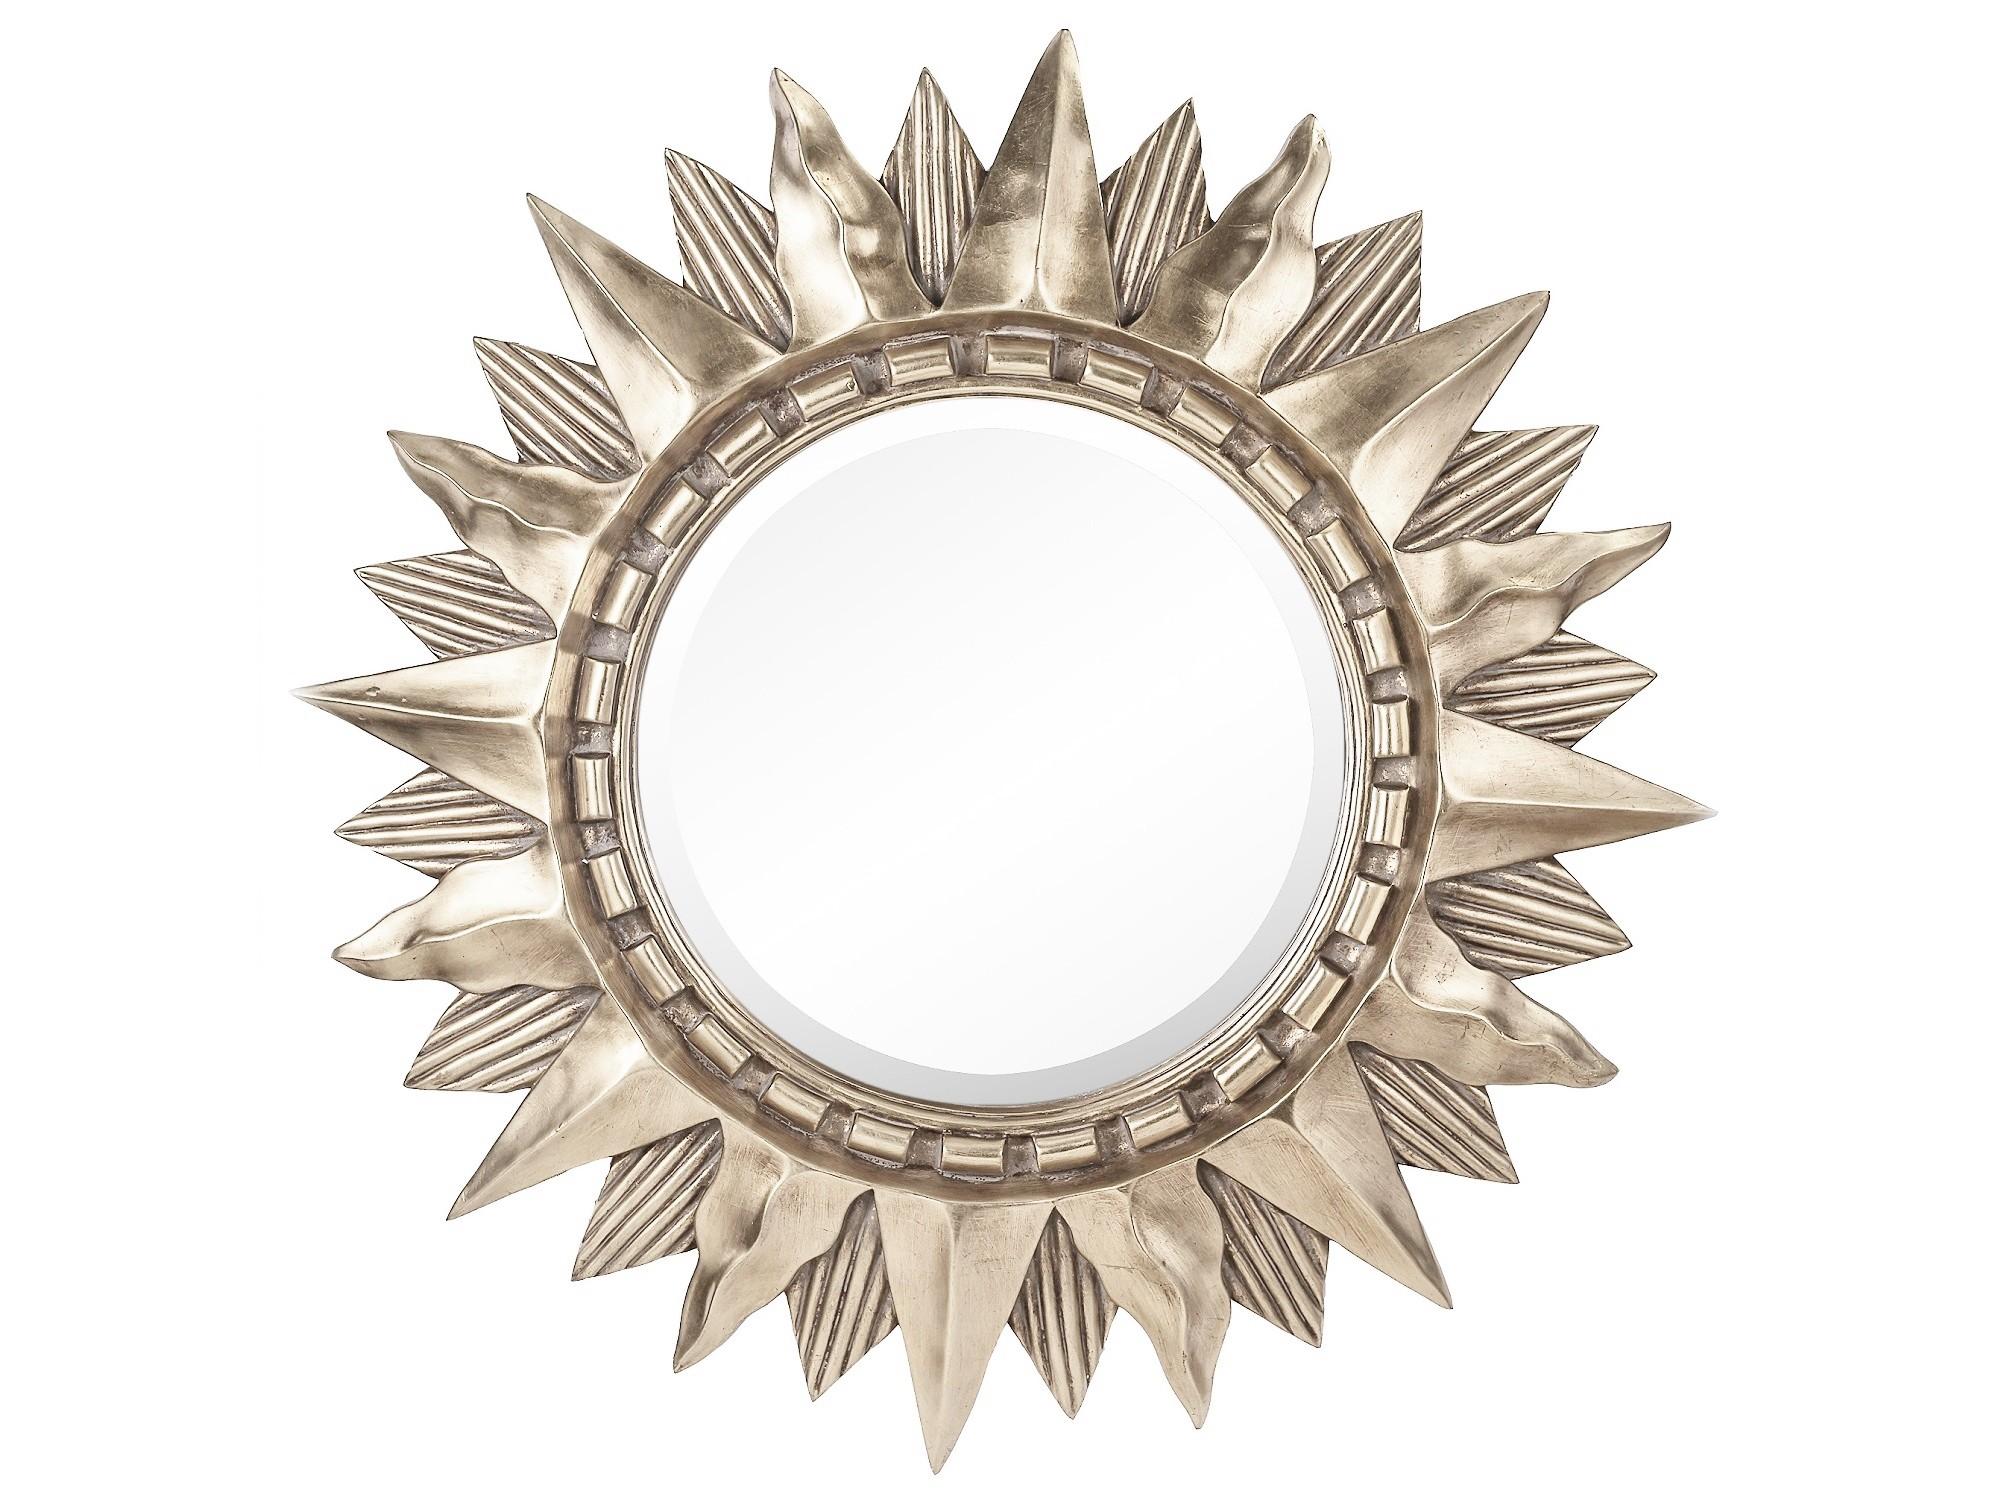 Зеркало Sol SilverНастенные зеркала<br>Материал: полирезин, стекло.<br><br>Material: Стекло<br>Length см: None<br>Width см: None<br>Depth см: 6.0<br>Height см: None<br>Diameter см: 85.0